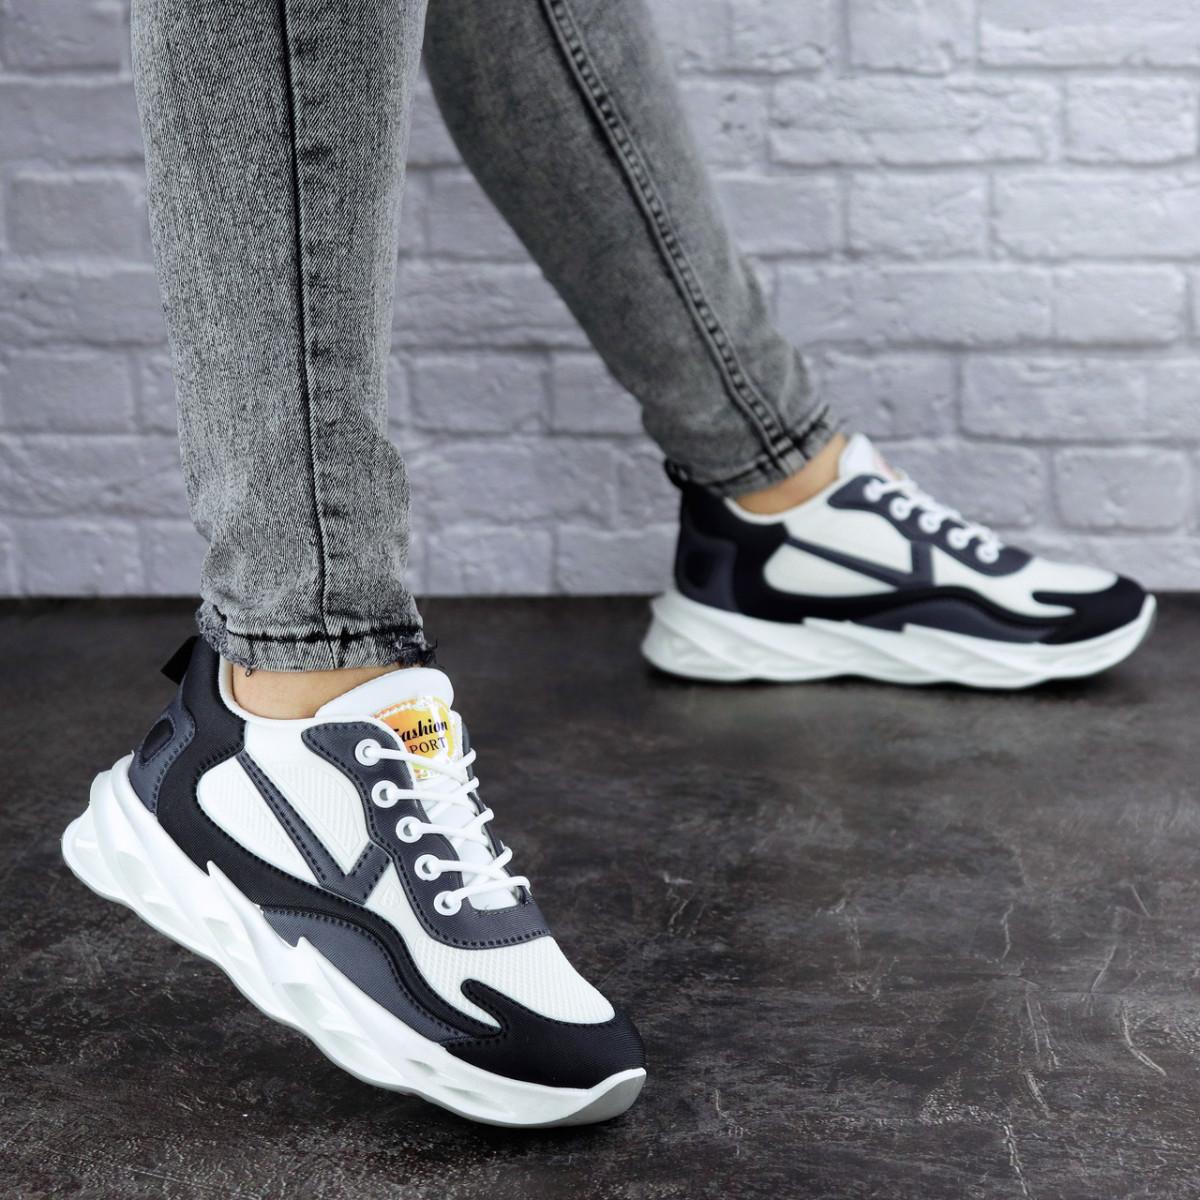 Жіночі кросівки Fashion Emily 1794 38 розмір 23,5 см Білий